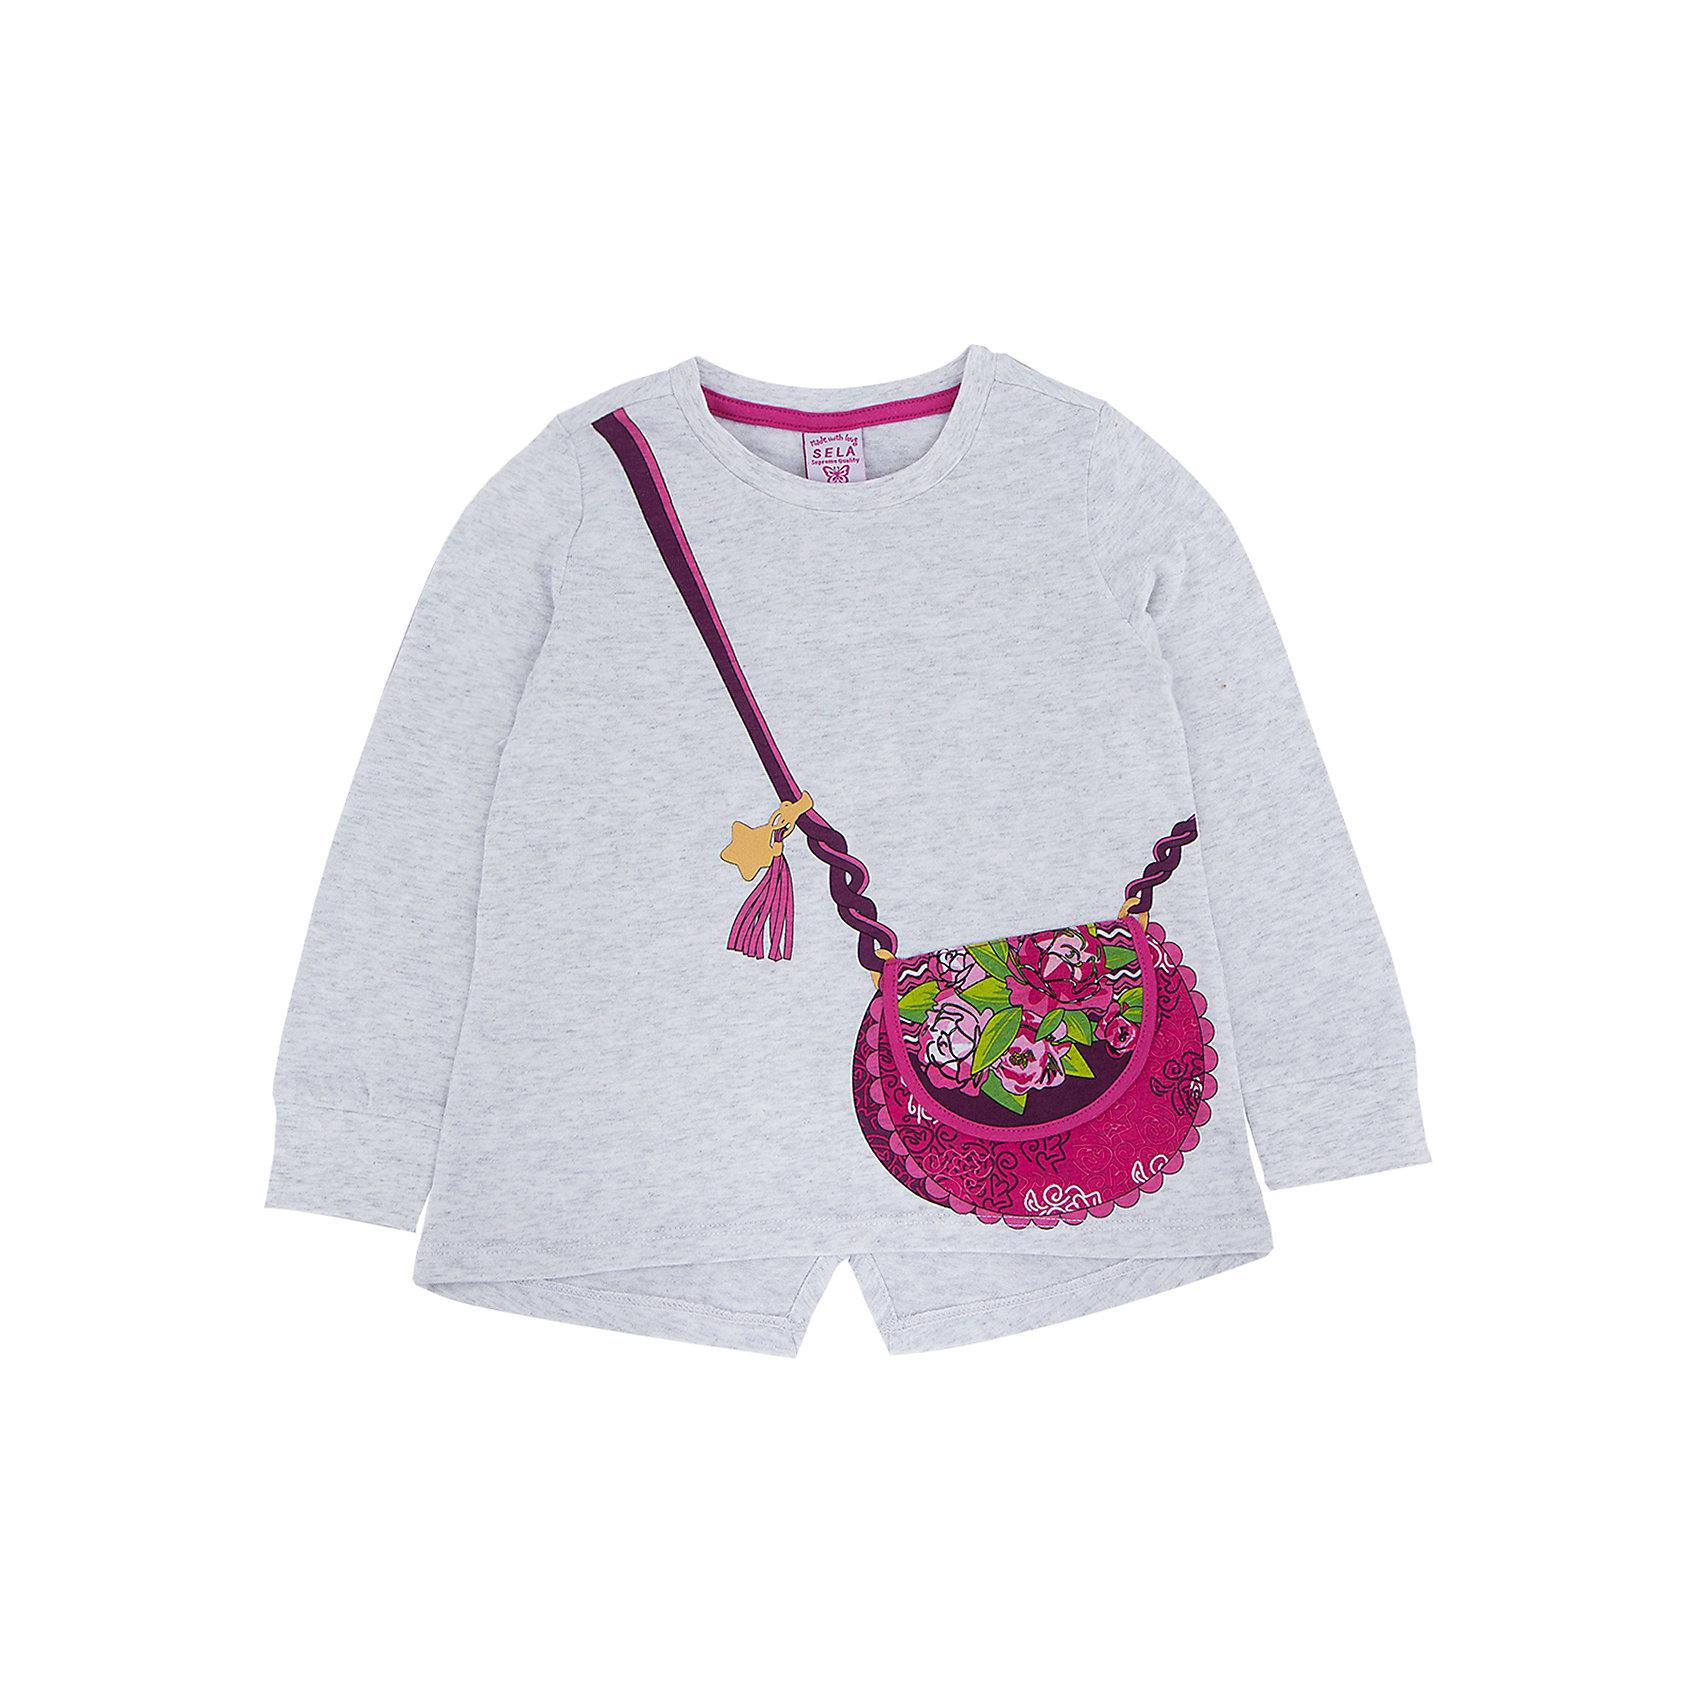 Футболка с длинным рукавом для девочки SELAДжемпер для девочки из коллекции осень-зима 2016-2017 от известного бренда Sela(сэла).<br>Модель имеет длинные рукава, расширенный к низу силуэт. Джемпер с необычным принтом понравится и ребенку, и родителям!<br>Особенности:<br>-расширенный к низу силуэт<br>-длинные рукава<br>-слегка удлиненная длина<br>Состав: 100% хлопок<br>Джемпер для девочек Sela(сэла) можно приобрести в нашем интернет-магазине.<br><br>Ширина мм: 190<br>Глубина мм: 74<br>Высота мм: 229<br>Вес г: 236<br>Цвет: серый<br>Возраст от месяцев: 18<br>Возраст до месяцев: 24<br>Пол: Женский<br>Возраст: Детский<br>Размер: 92,116,98,104,110<br>SKU: 4883777